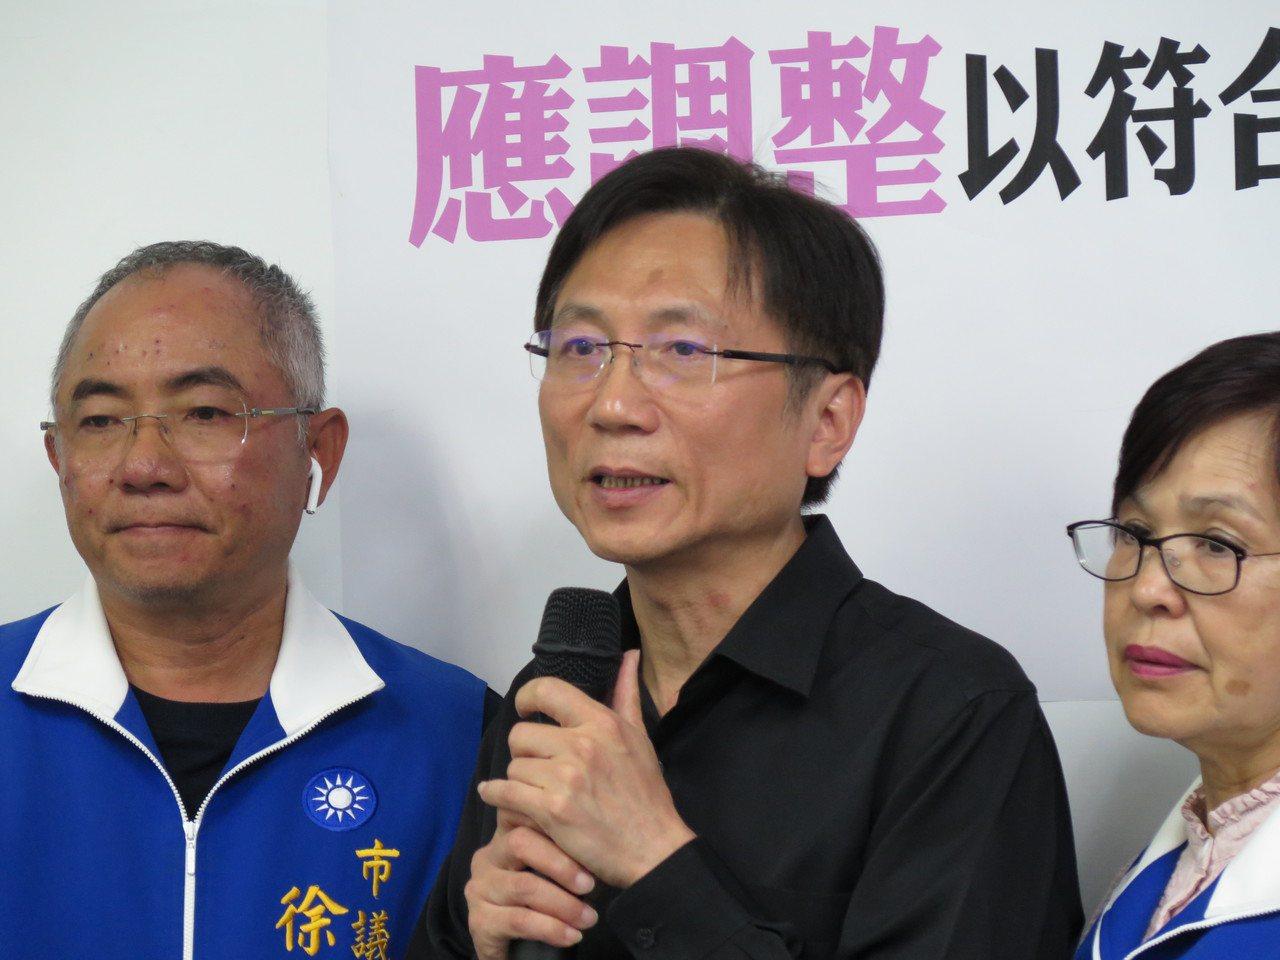 不滿退將吳斯懷列名國民黨不分區名單,桃園市議員詹江村表示「就只能壯烈成仁」,將在...